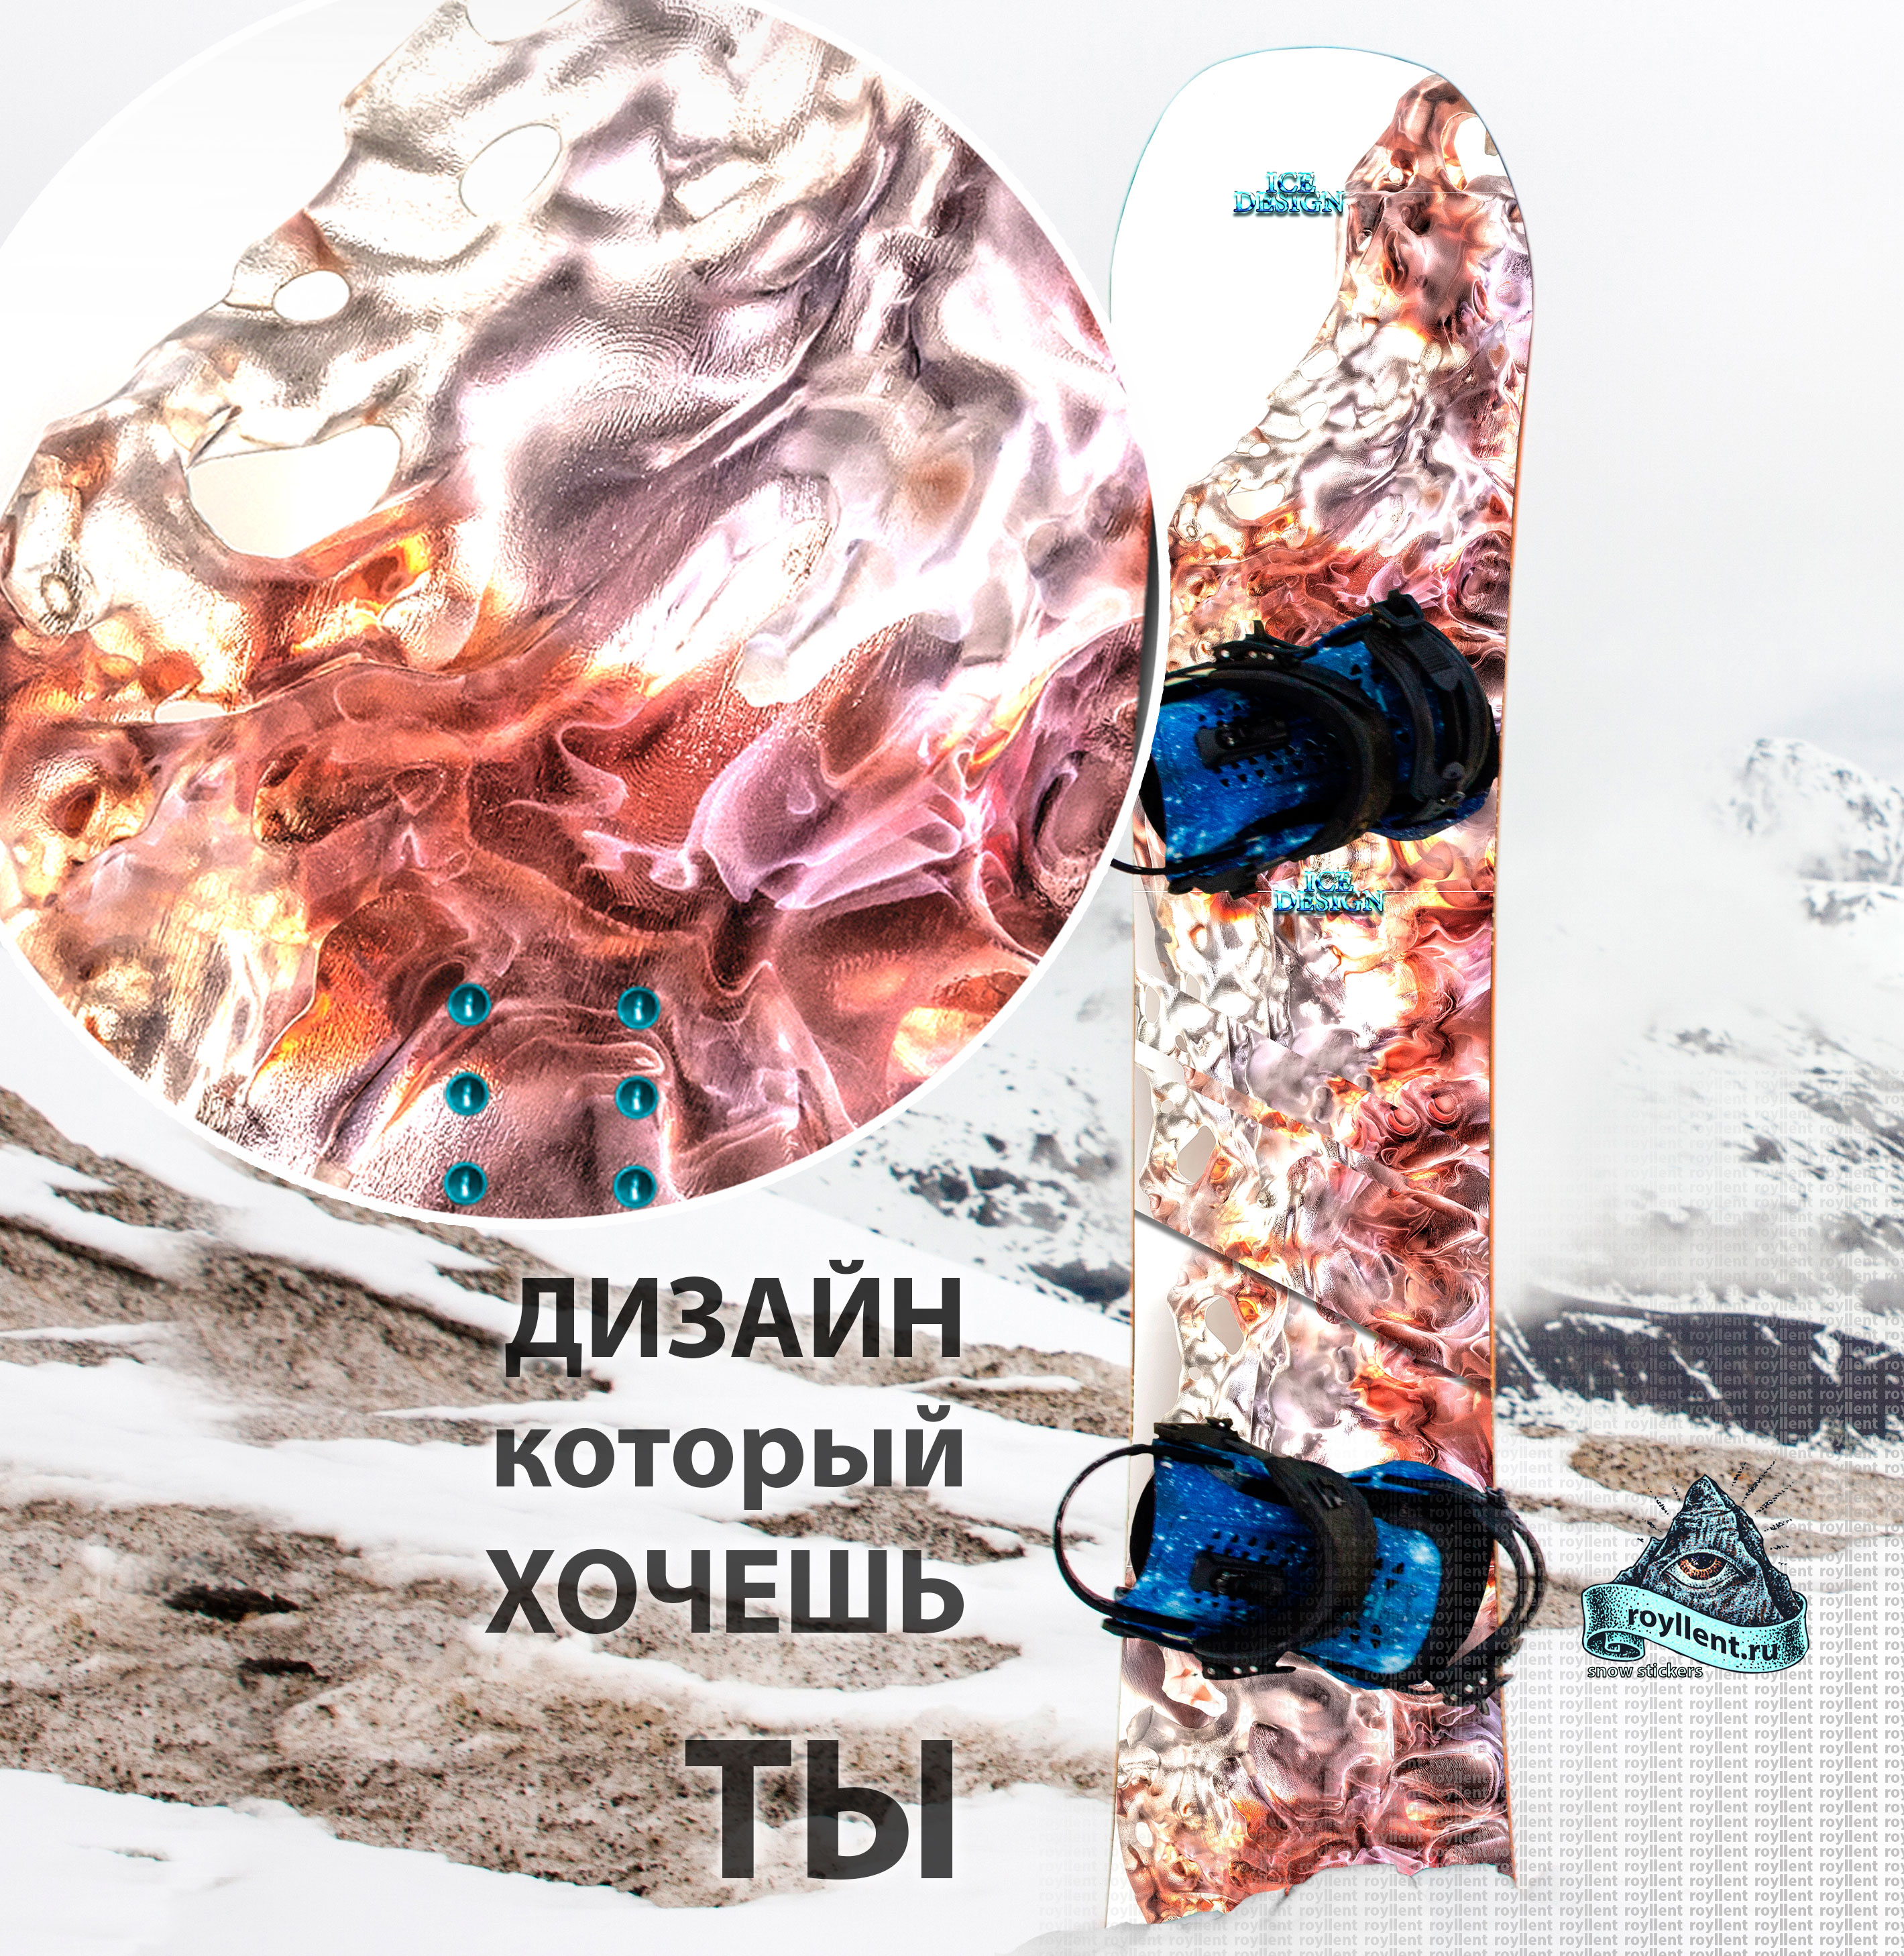 Полноразмерная сноуборд наклейка яркая снег горы и лед